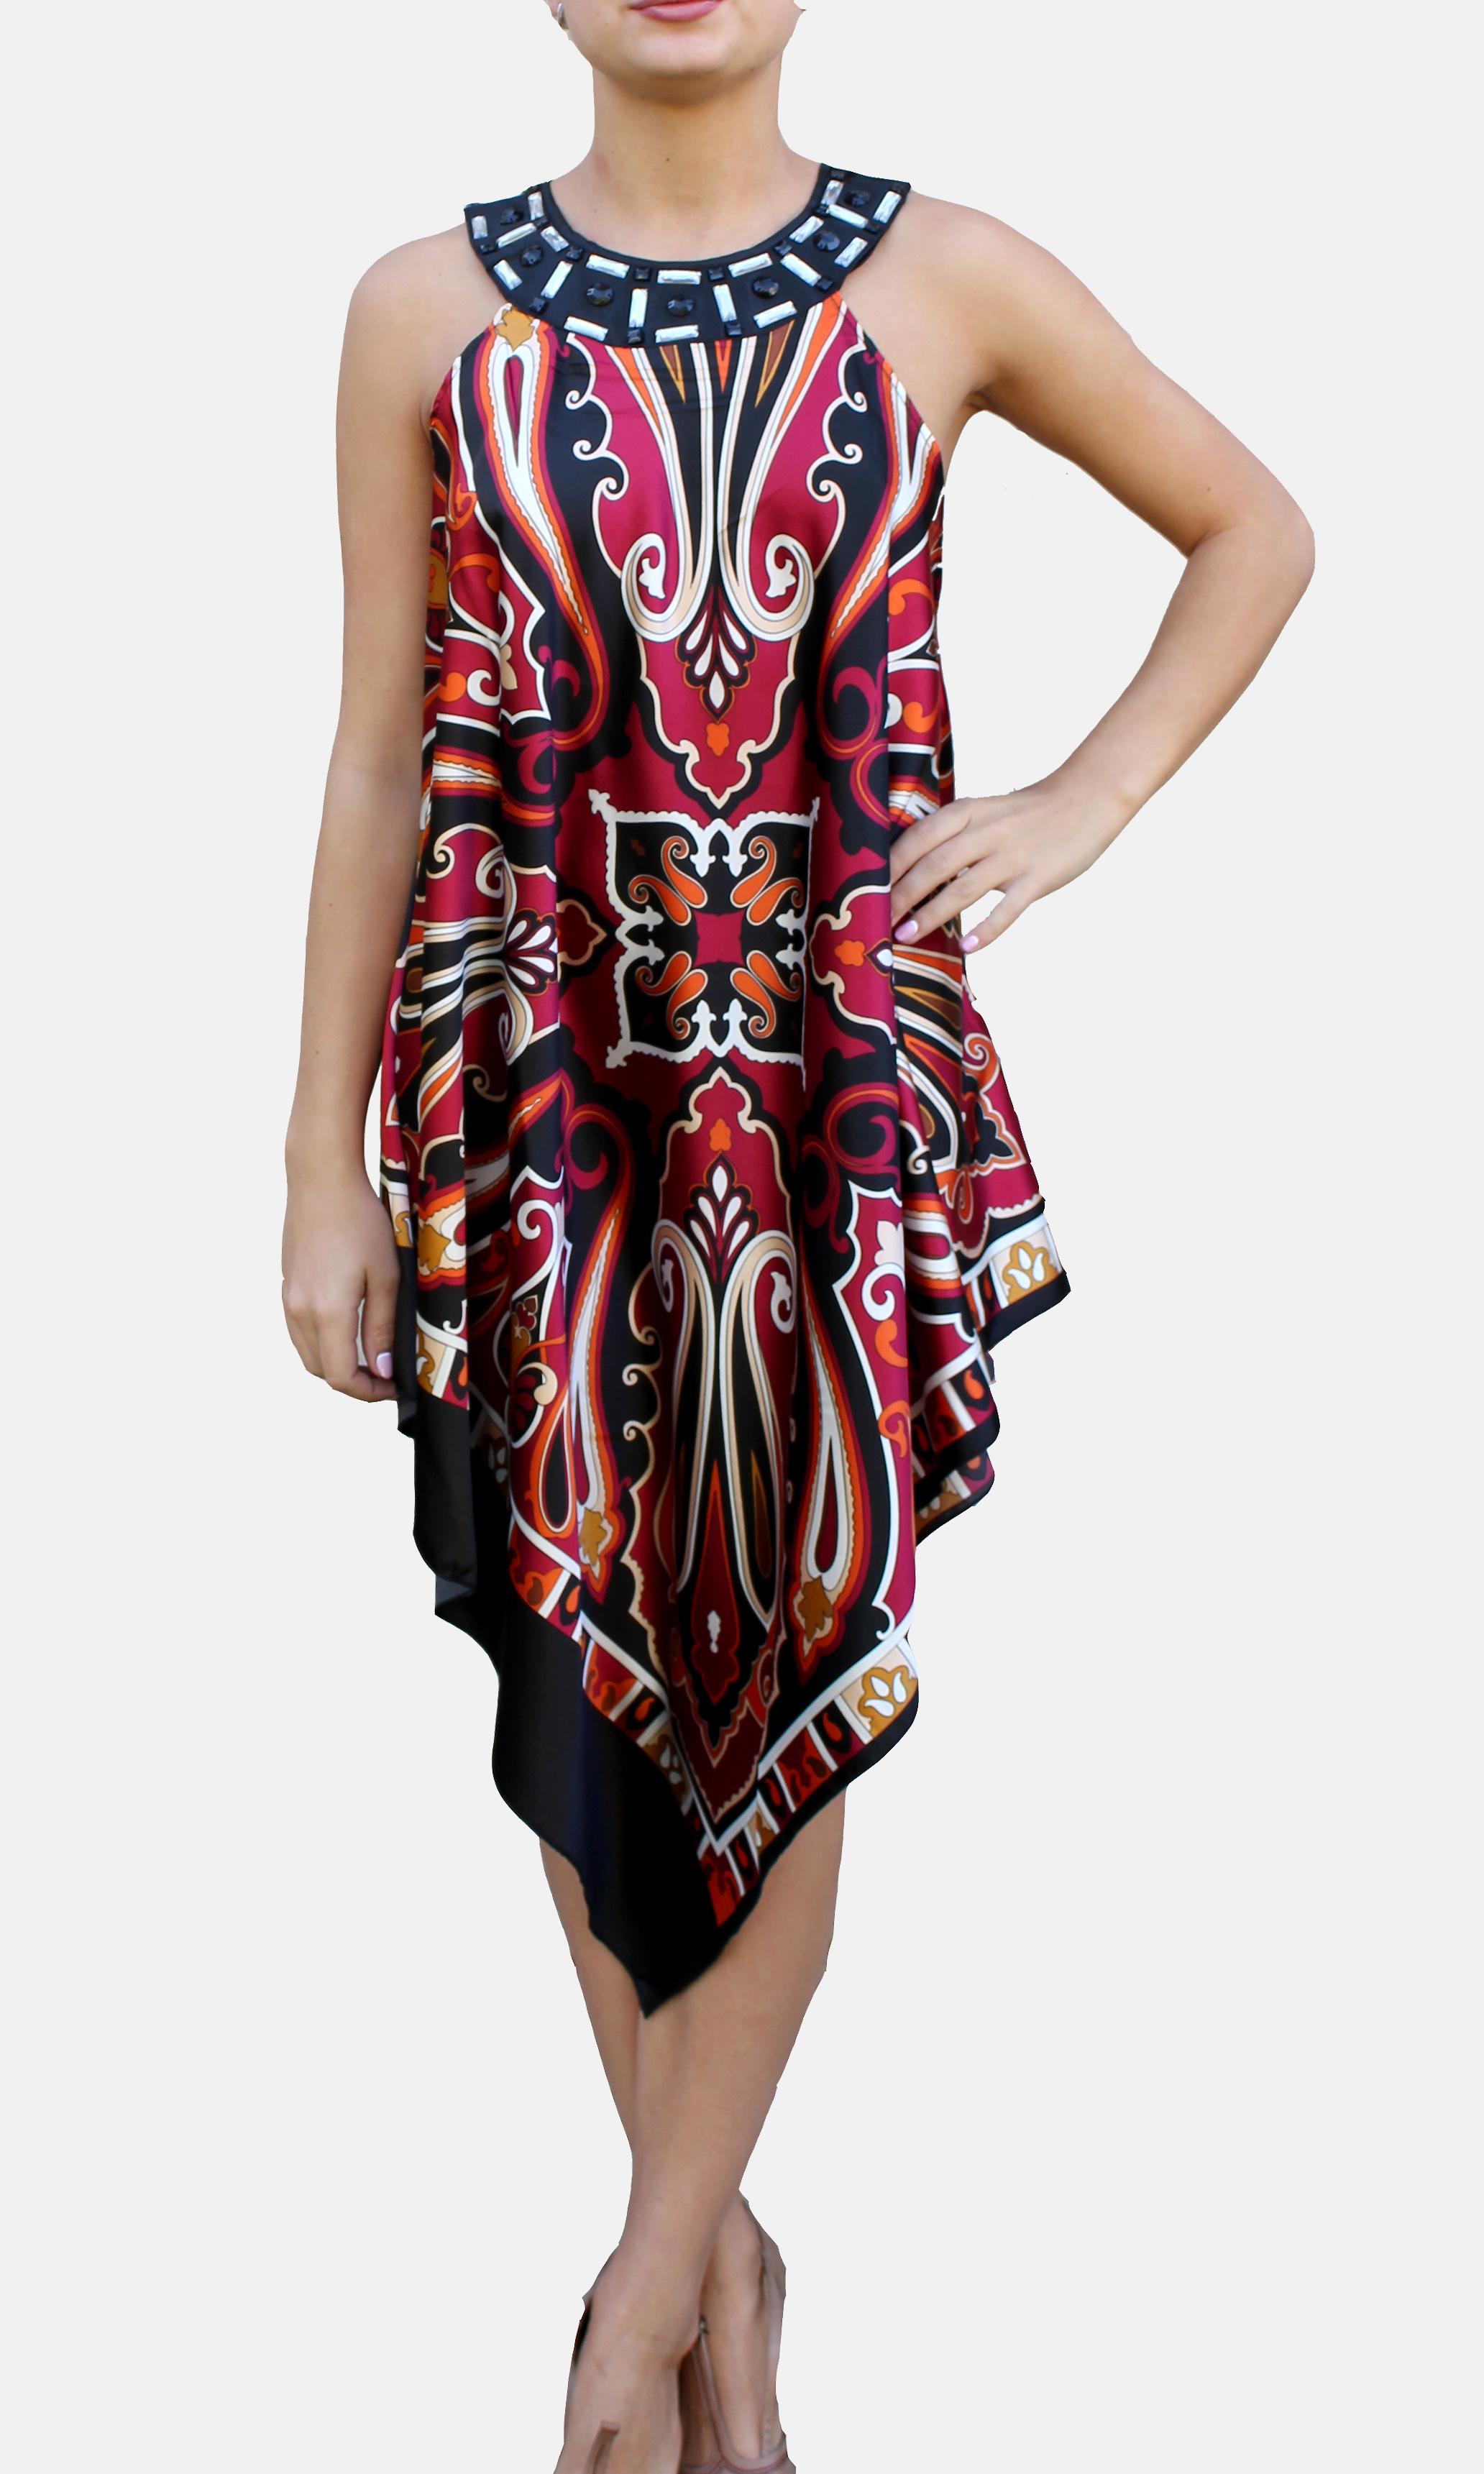 Добавила великолепные платья и залатики по распродаже, цены от 200 руб.!